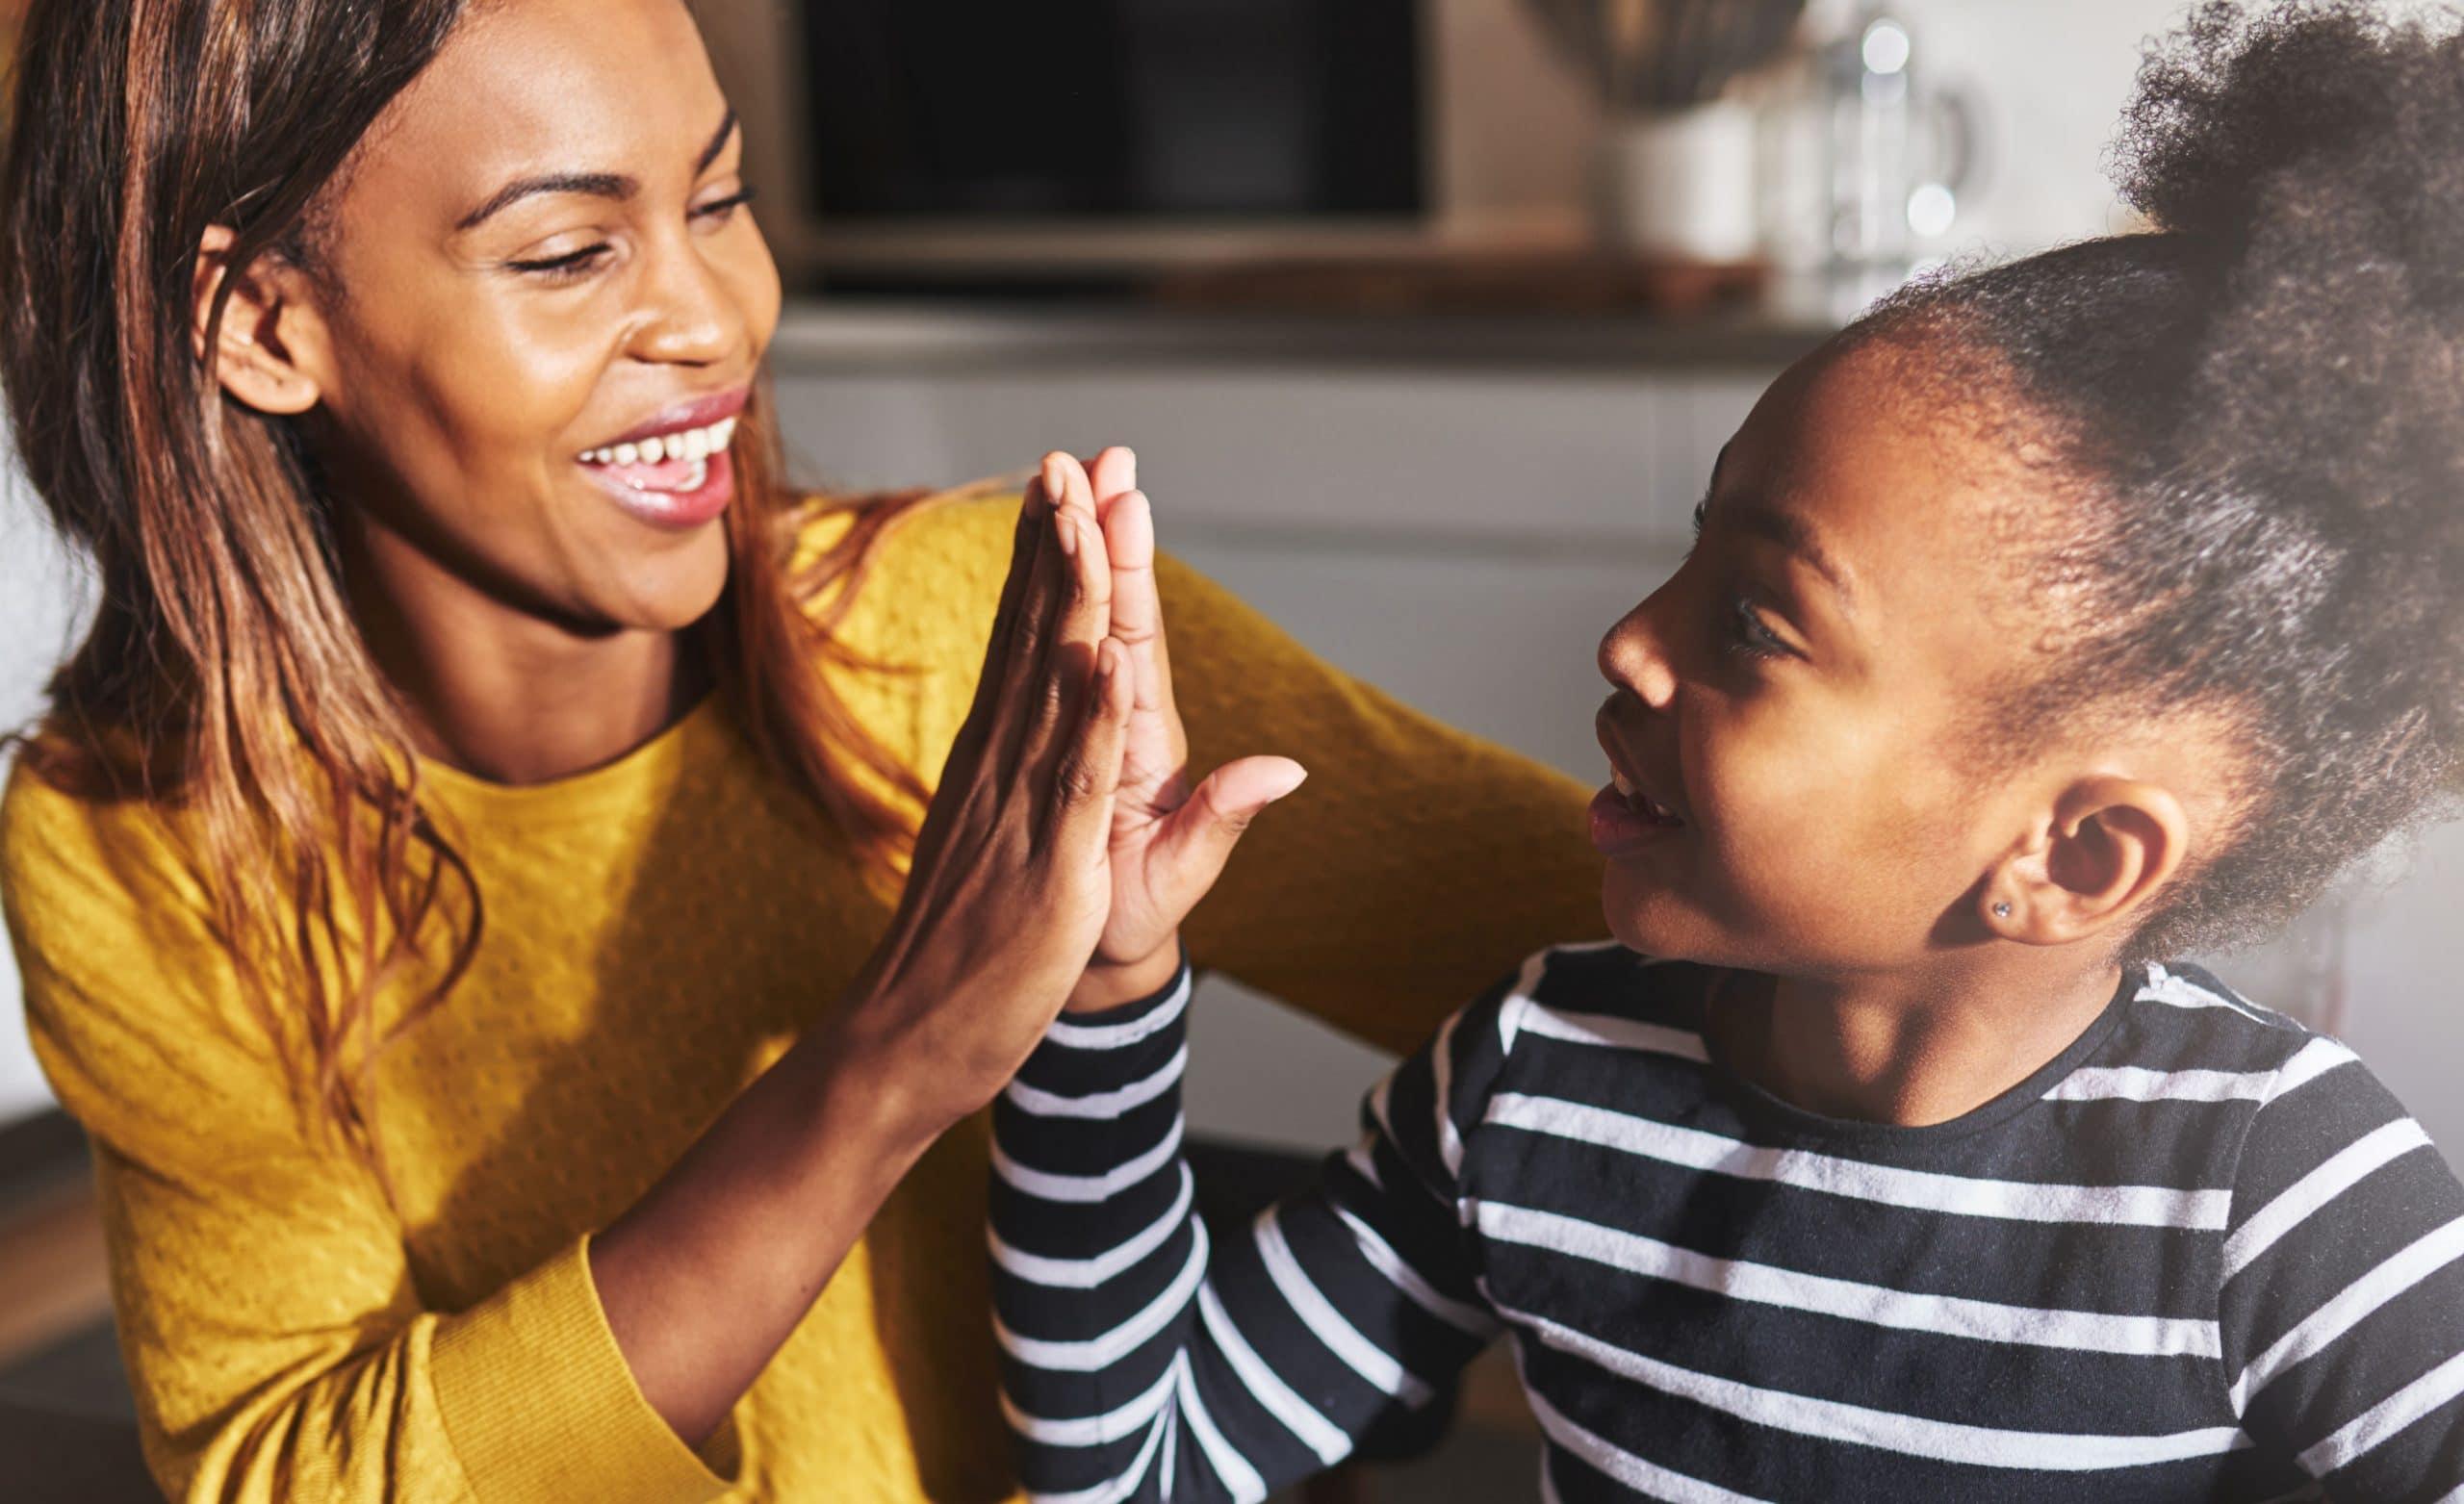 Mãe e filha batendo as mãos. Ambas negras. A mãe usa amarelo. A filha usa uma blusa listrada em preto e branco.